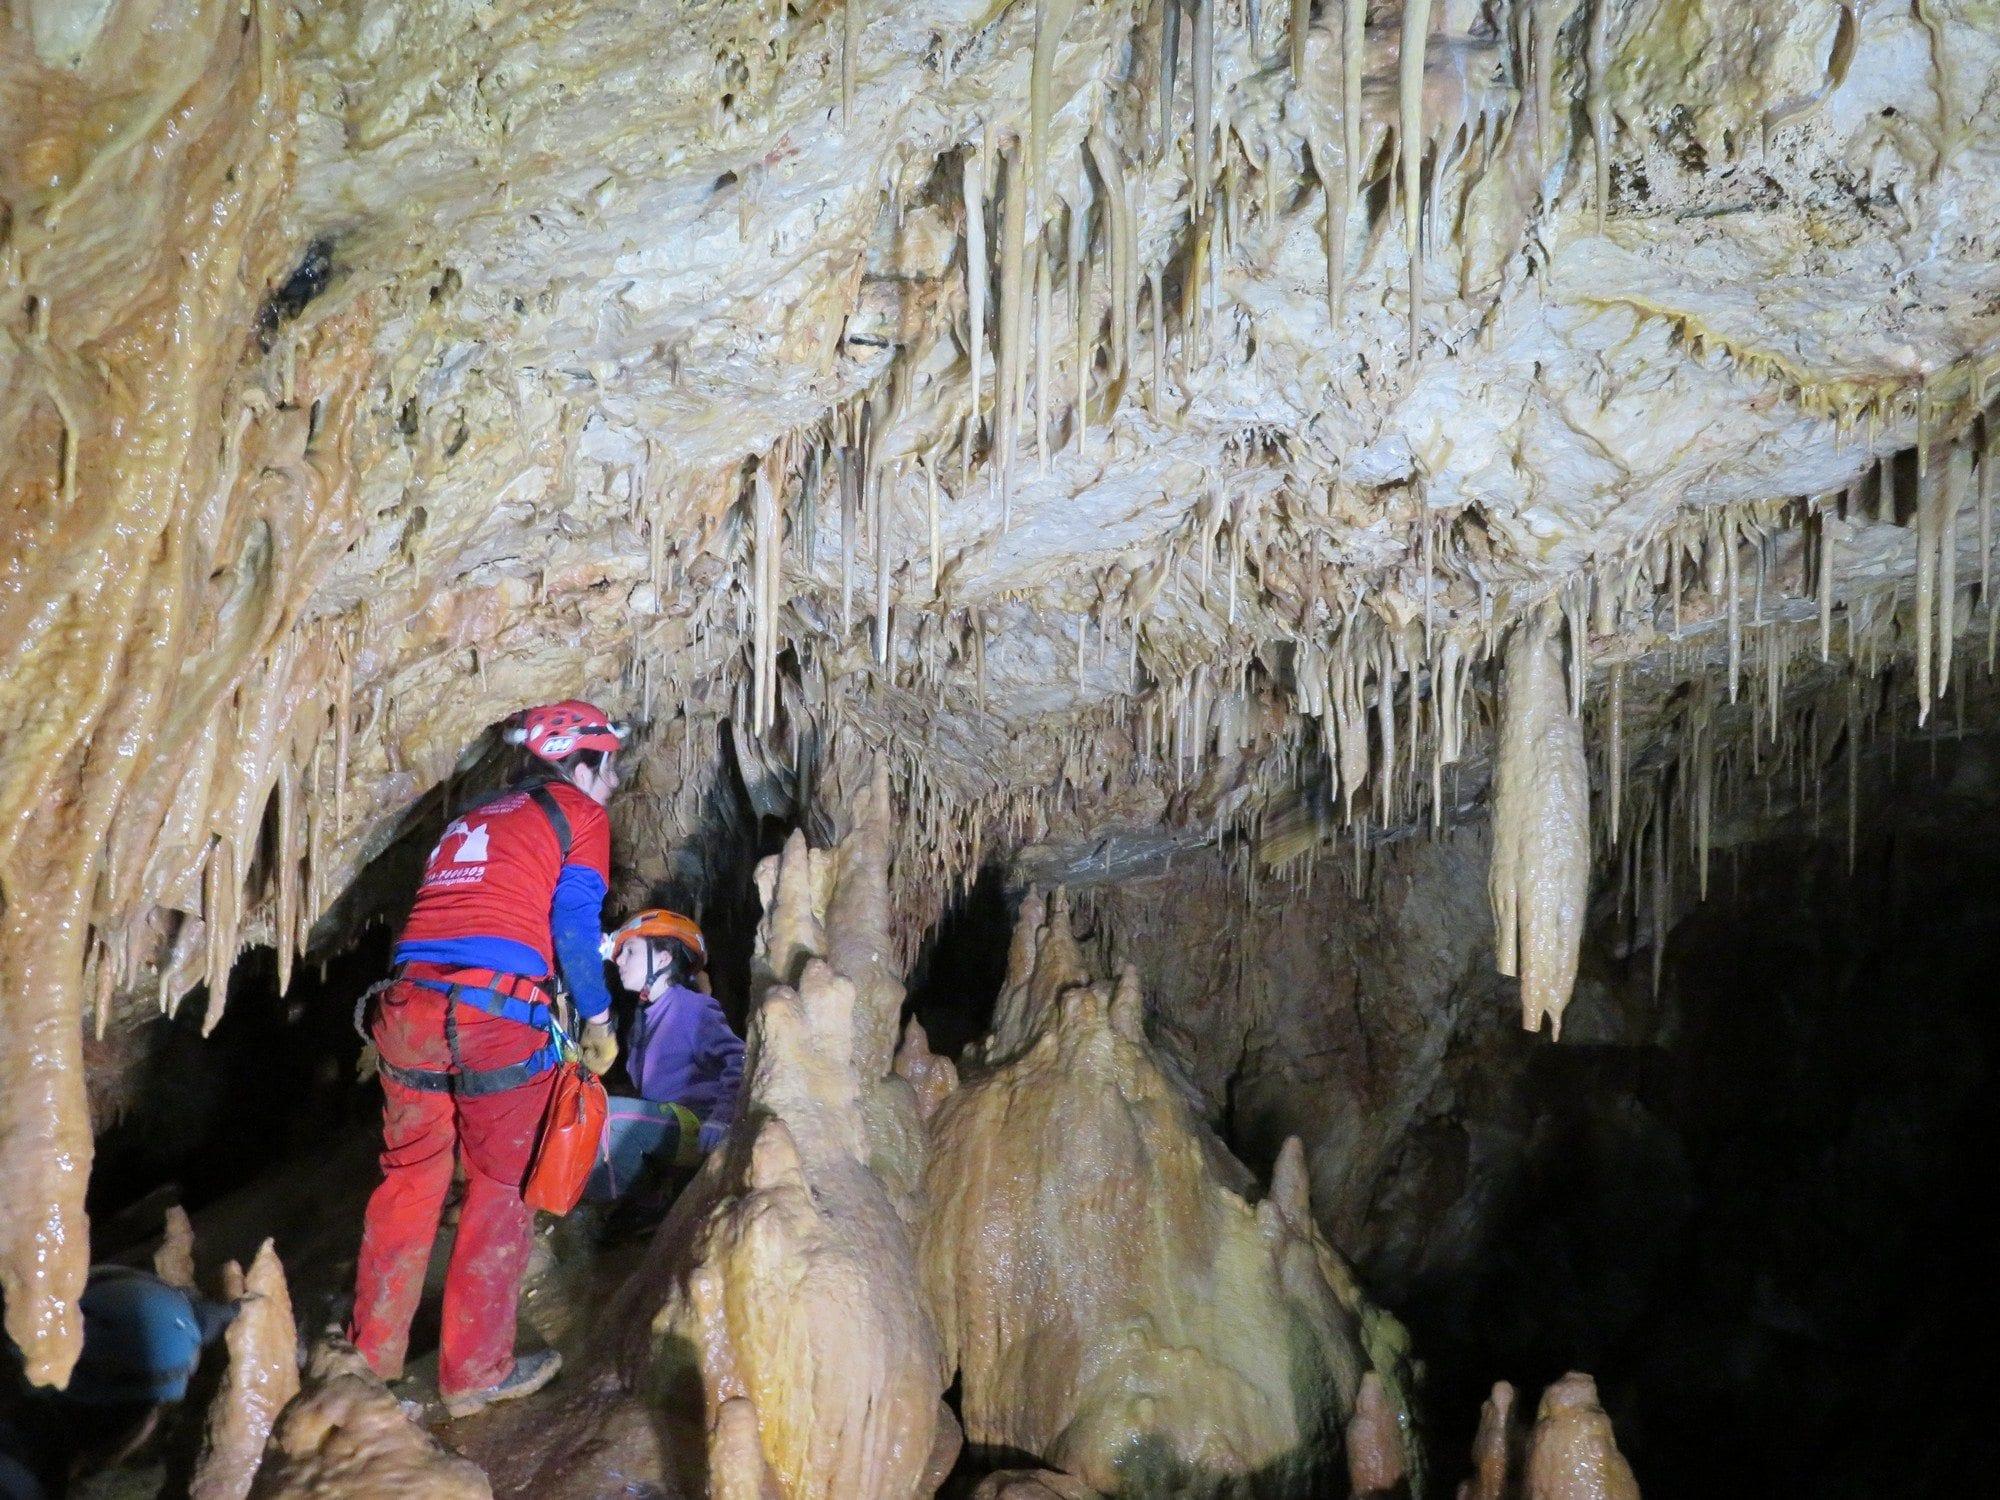 סנפלינג למערת נטיפים מדהימה במרכז - ערוצים בטבע